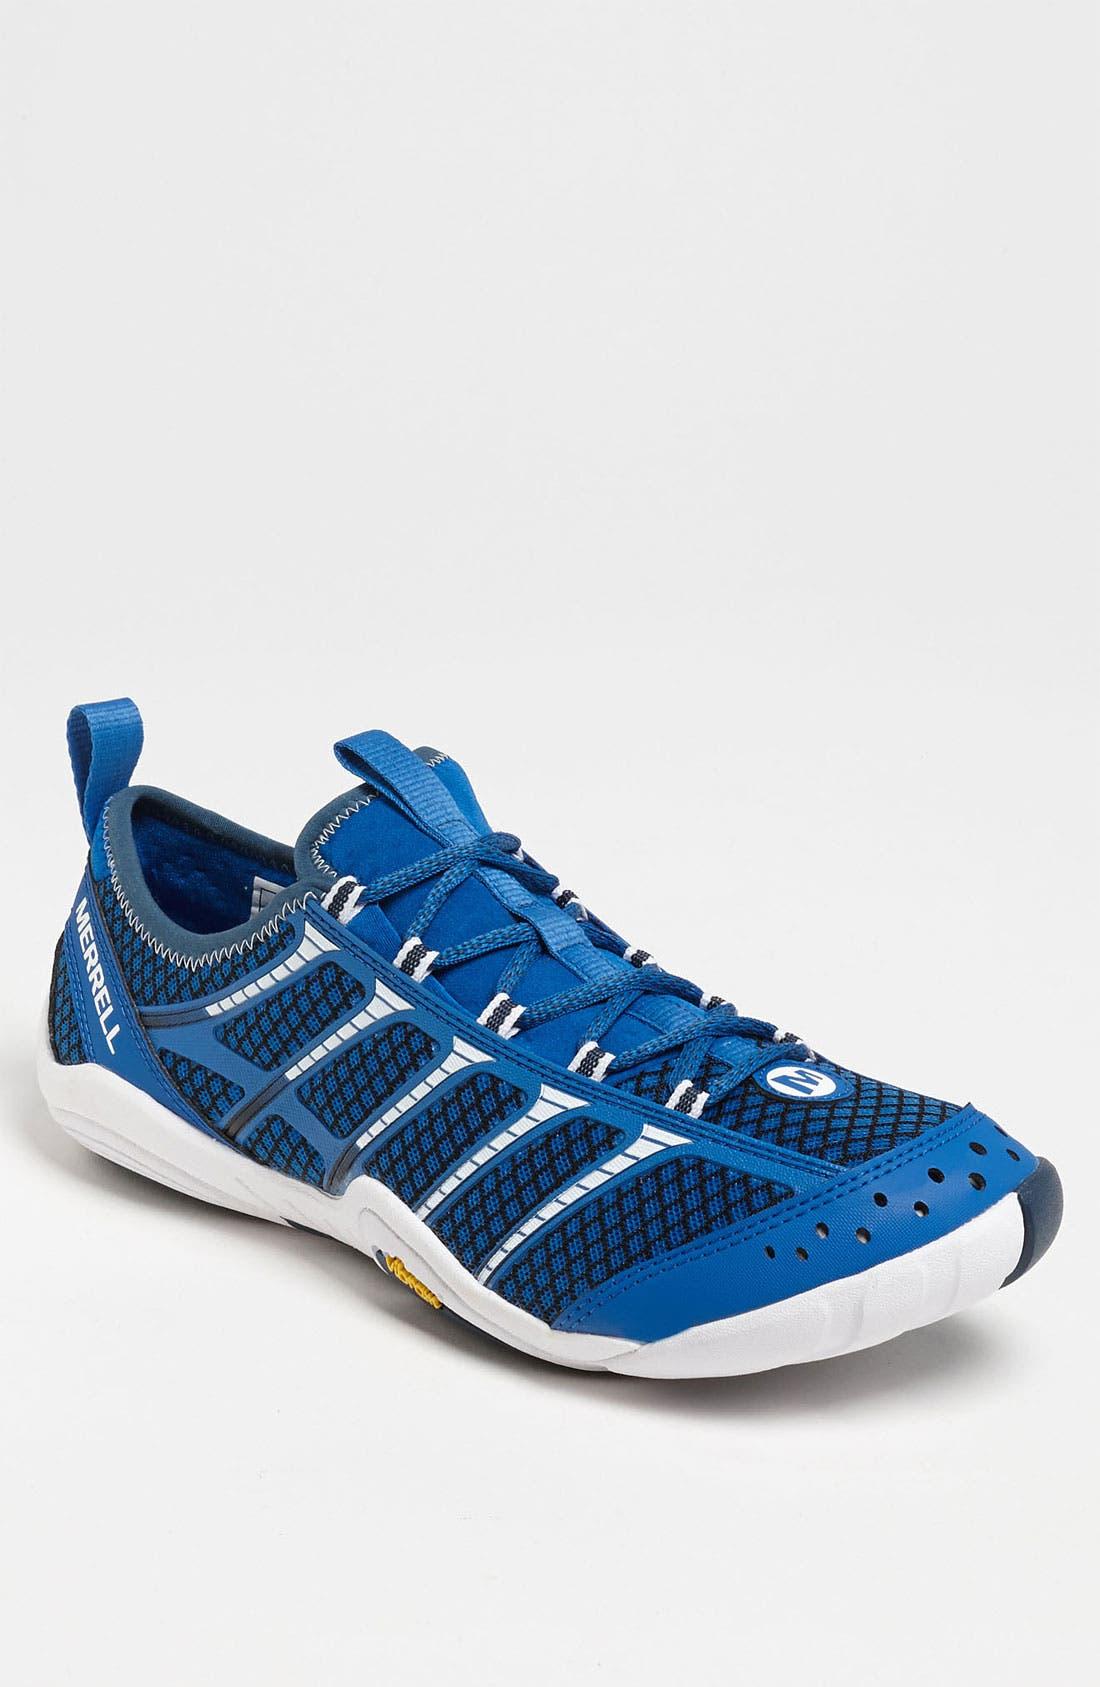 Main Image - Merrell 'Torrent Glove' Water Shoe (Men)